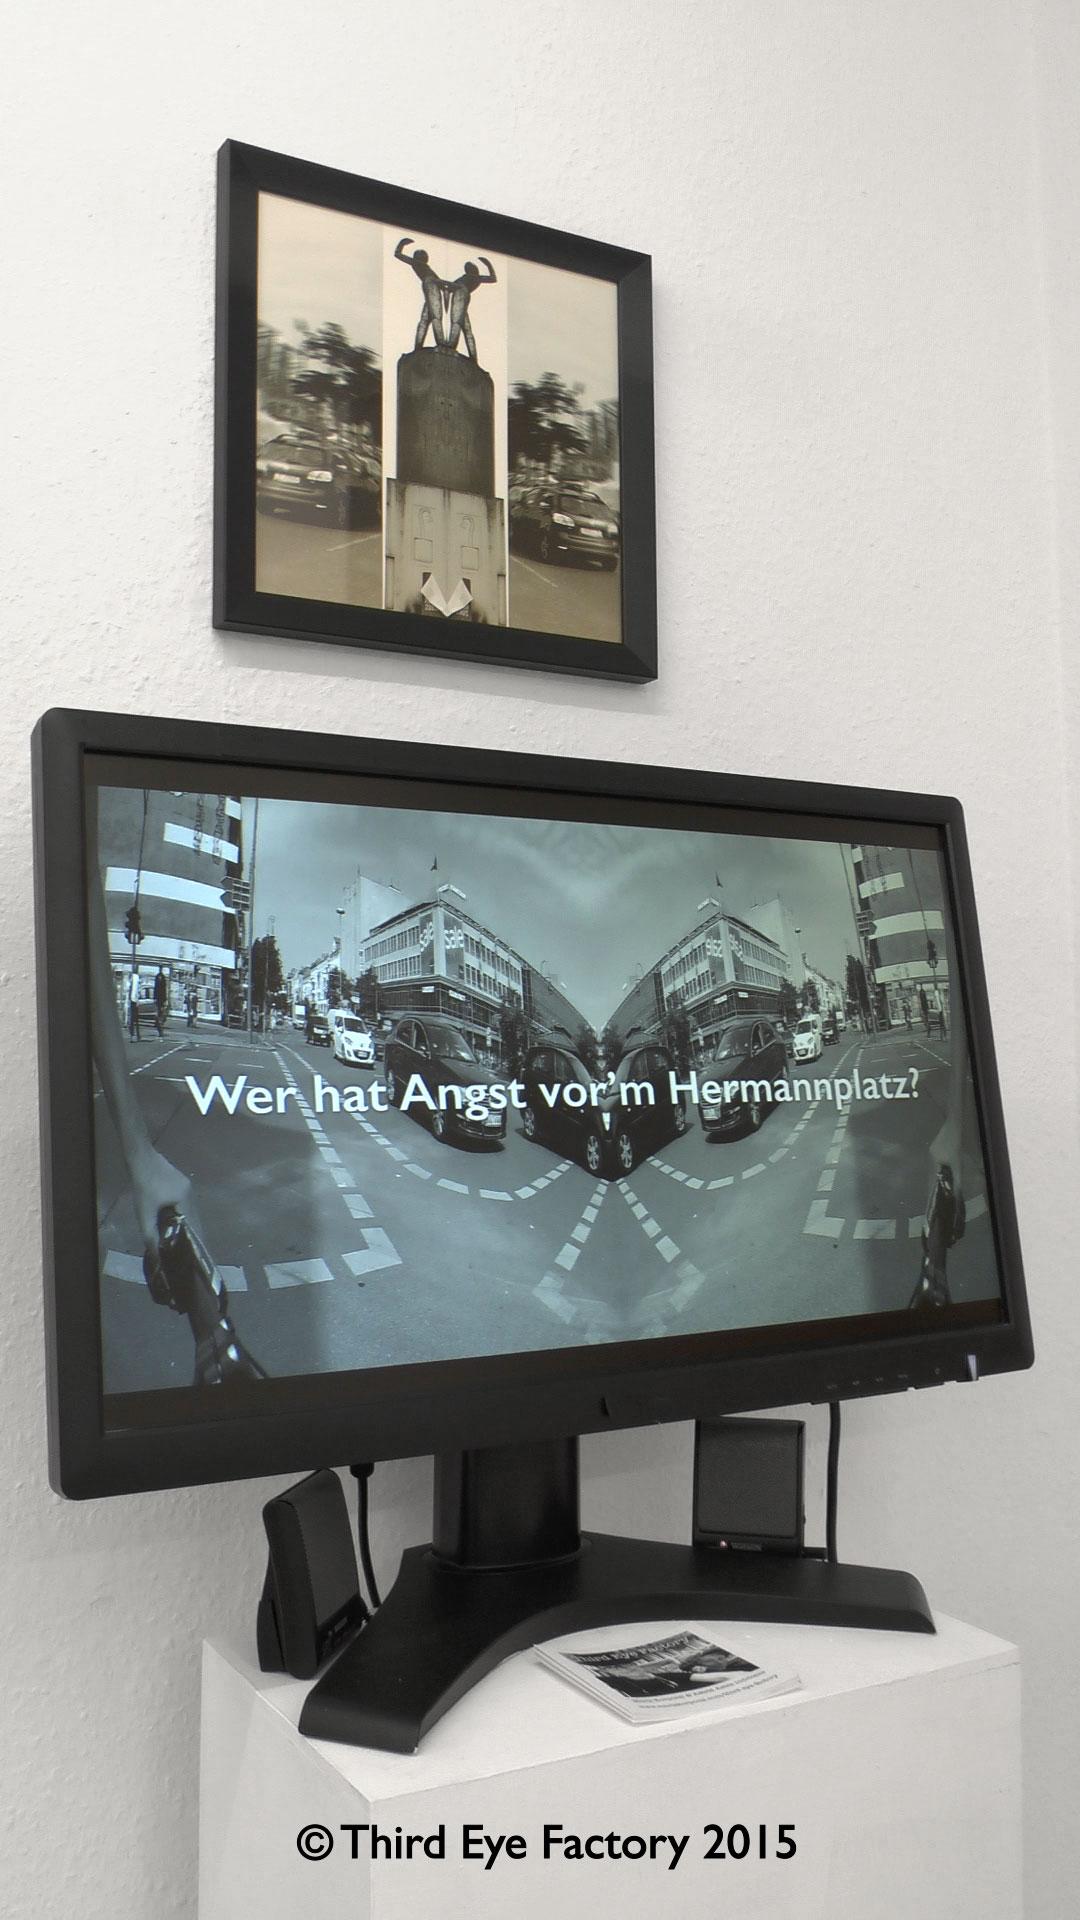 Wer hat Angst vor'm Hermannplatz?